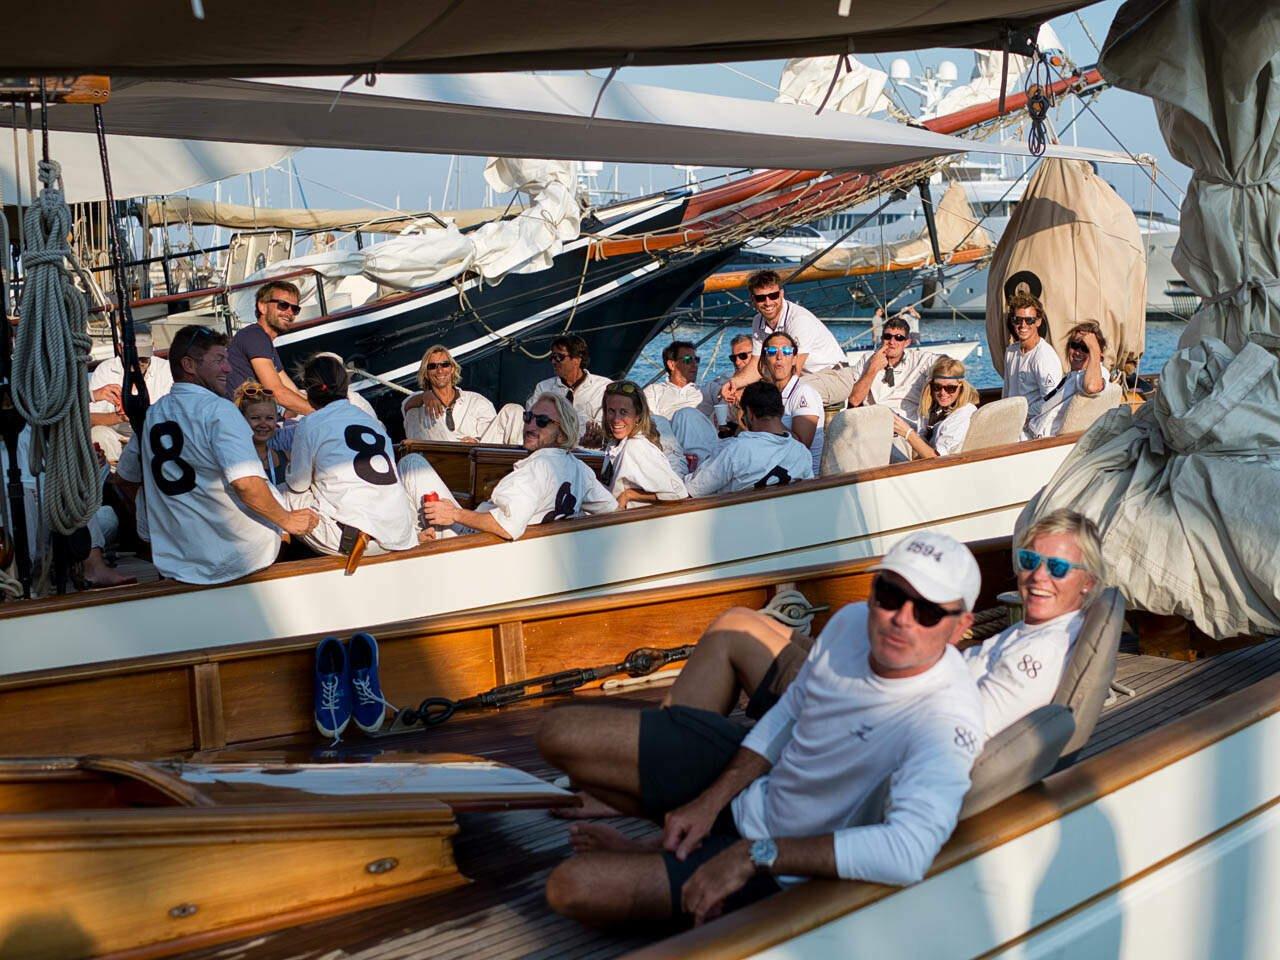 regatta purjevene sailing boat